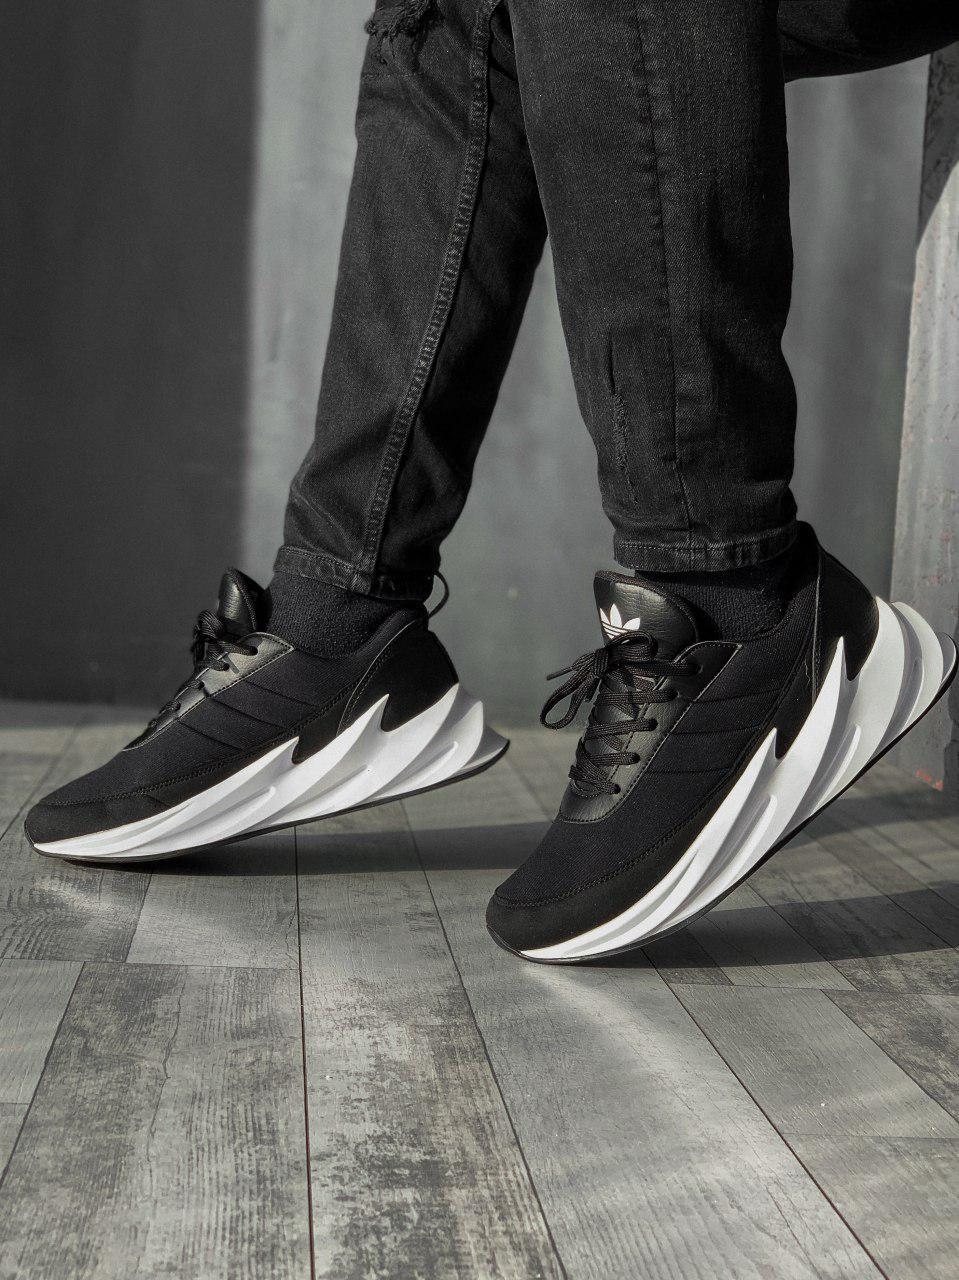 Кроссовки мужские ADIDAS Shark черные. Стильные мужские кроссовки Адидас черного цвета с белой подошвой.